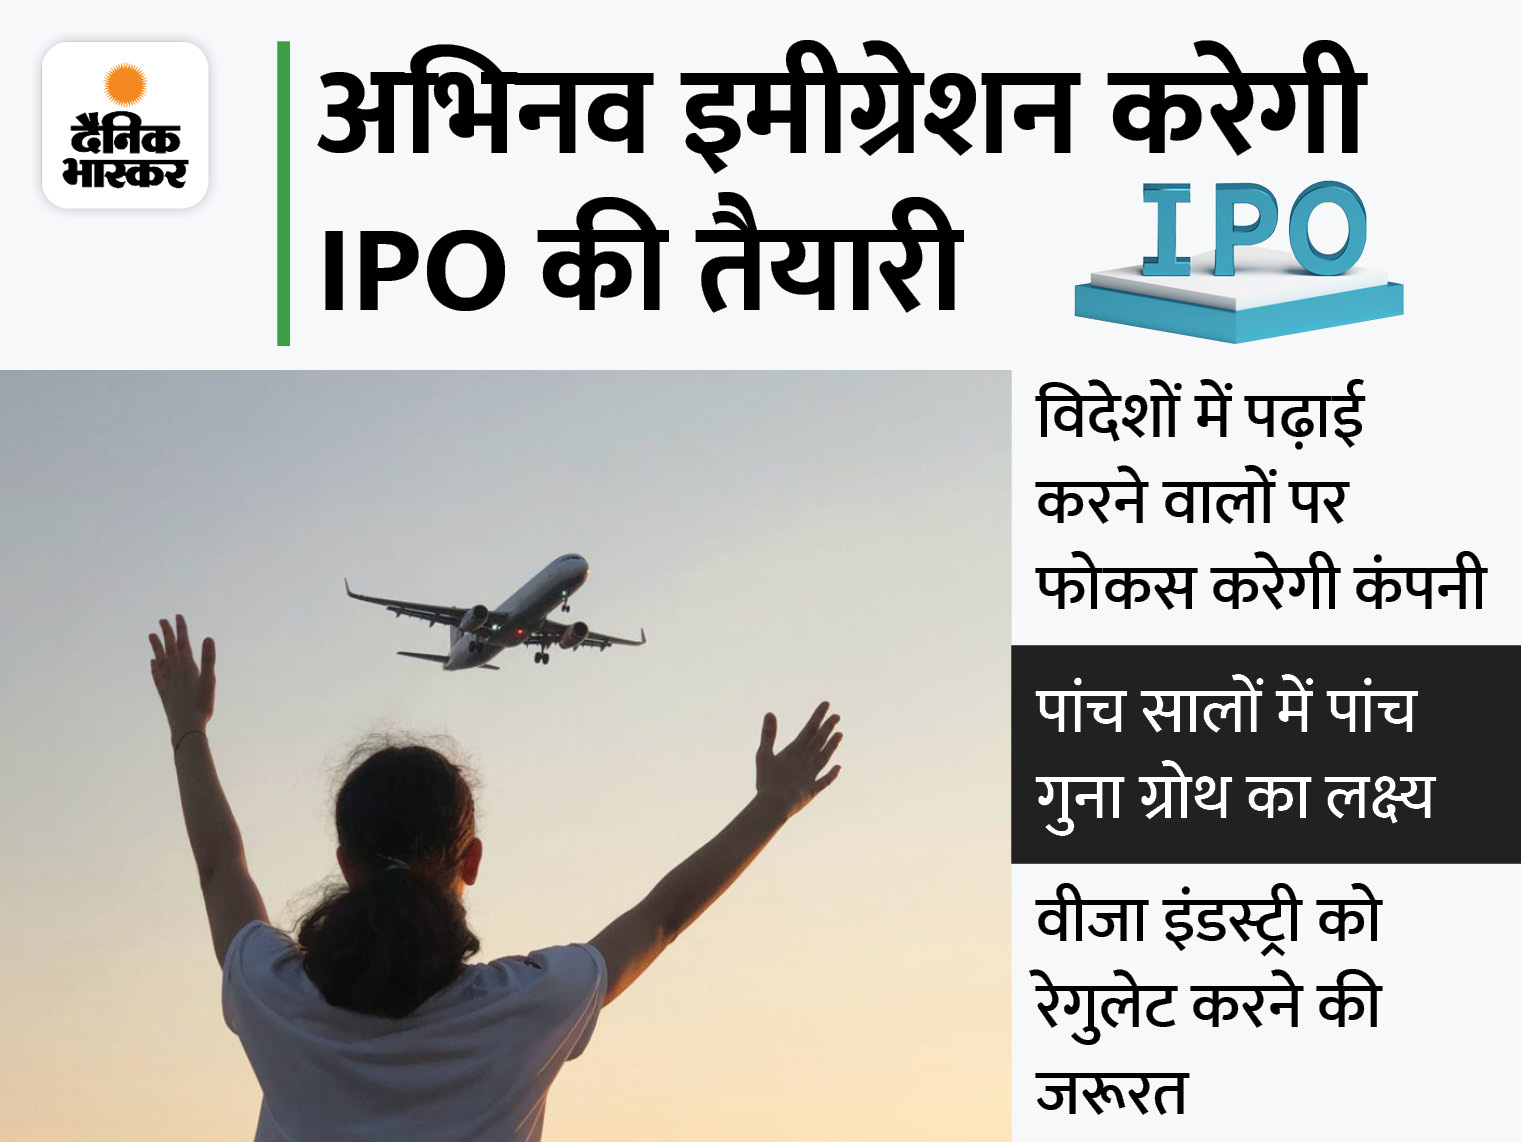 अभिनव इमीग्रेशन का 125-150 करोड़ रुपए के रेवेन्यू का लक्ष्य, कर्मचारियों की संख्या 1,000 करेगी बिजनेस,Business - Dainik Bhaskar